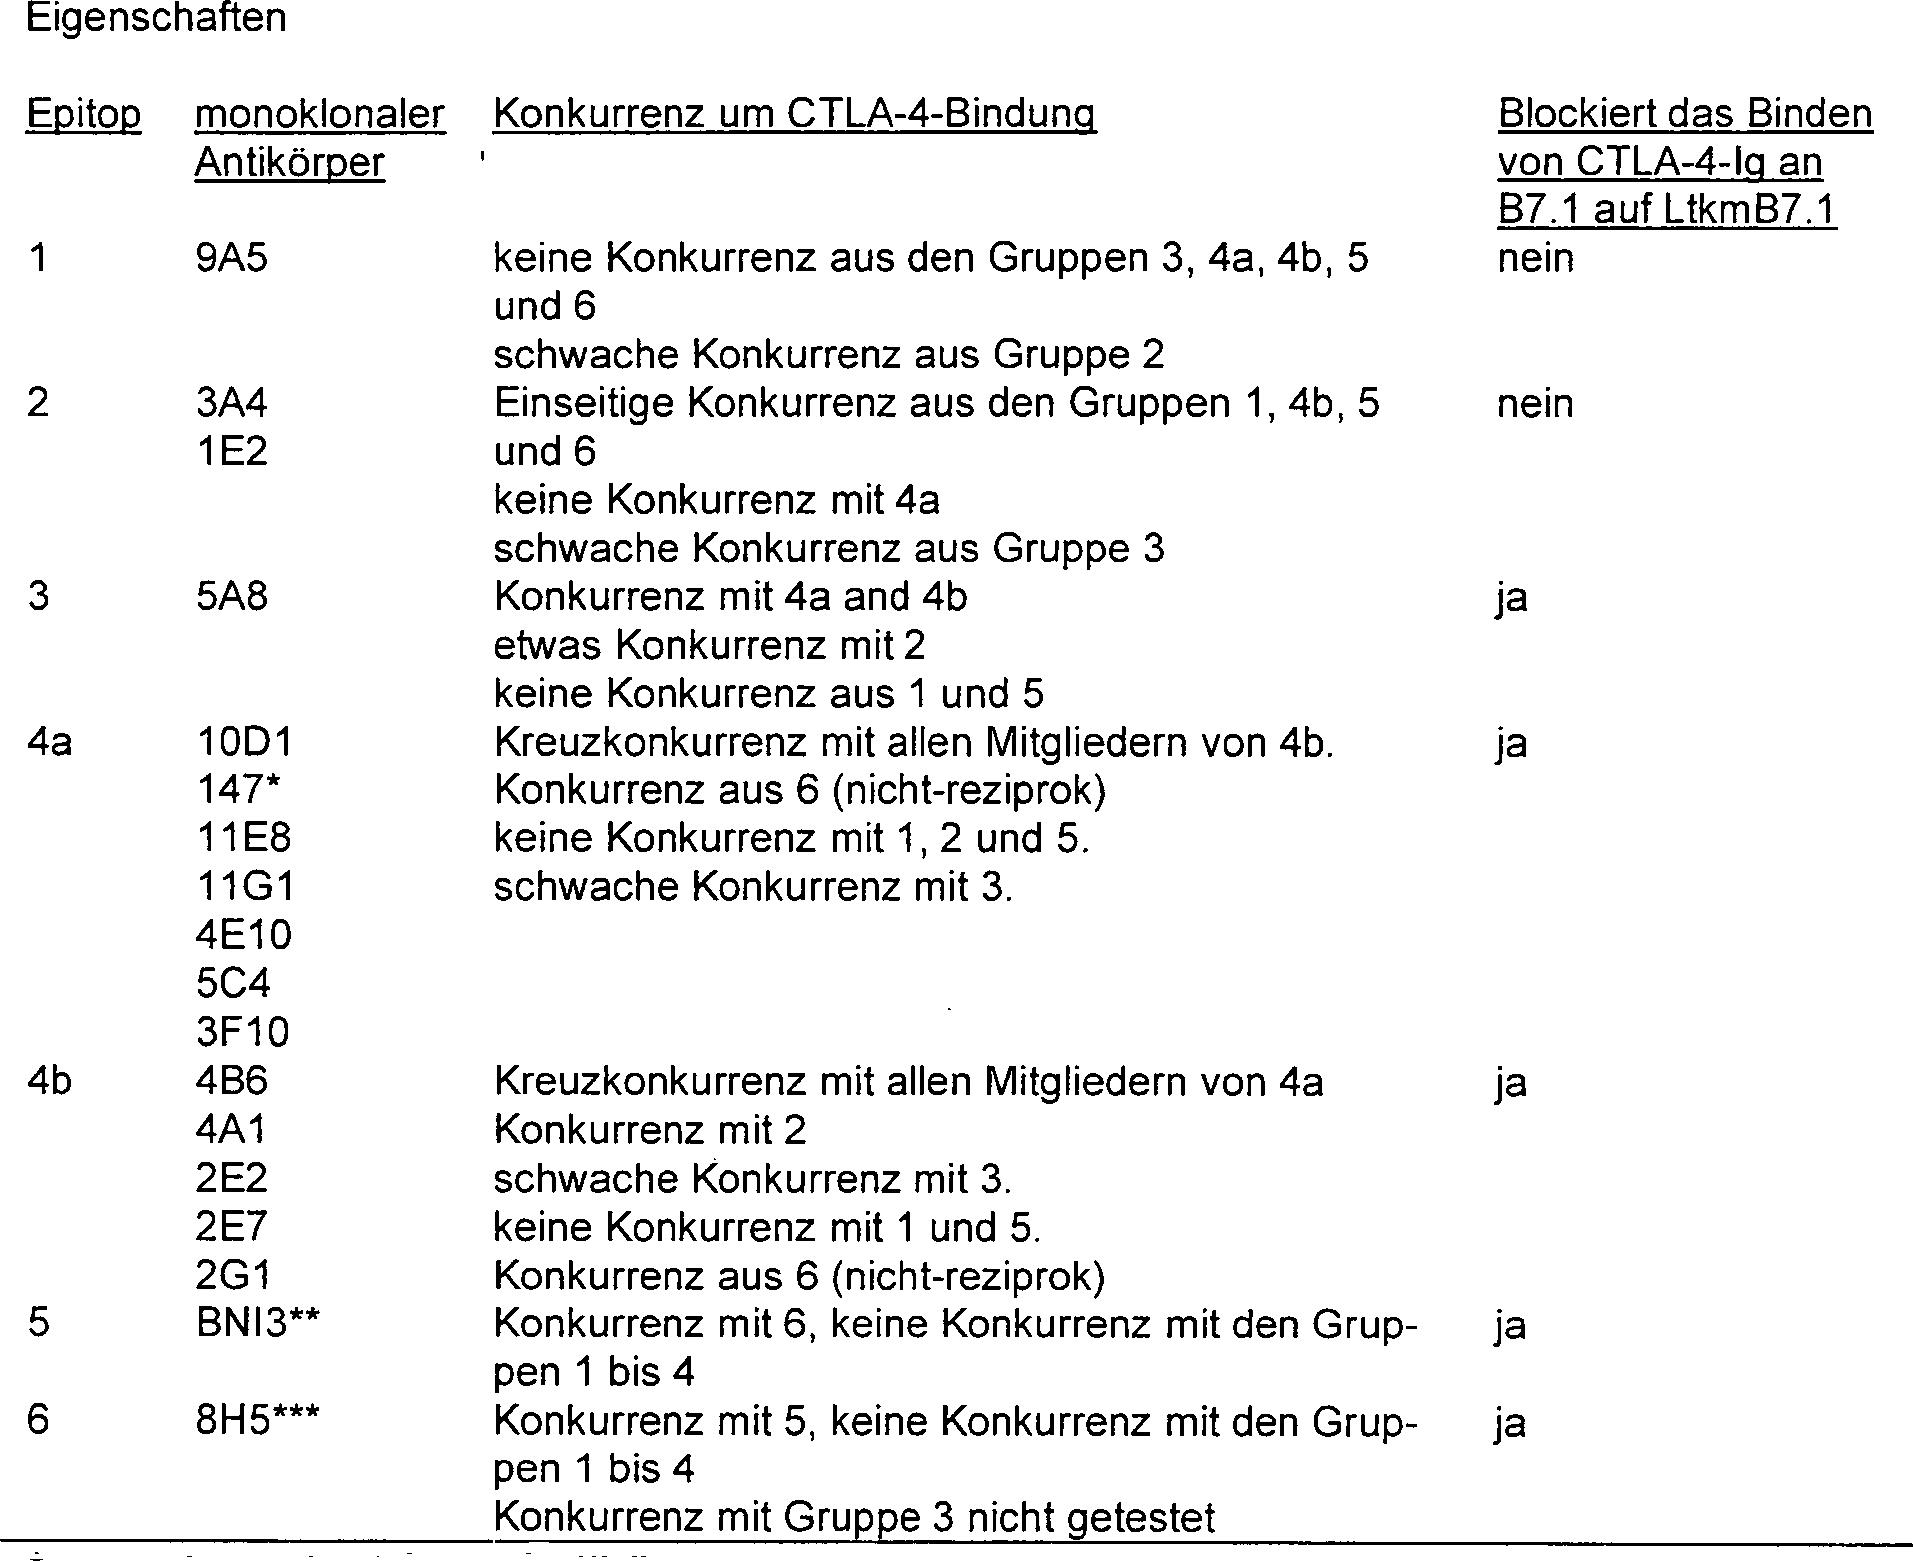 Charmant Sequenzierung Einer Tabelle 1Klasse Zeitgenössisch - Mathe ...